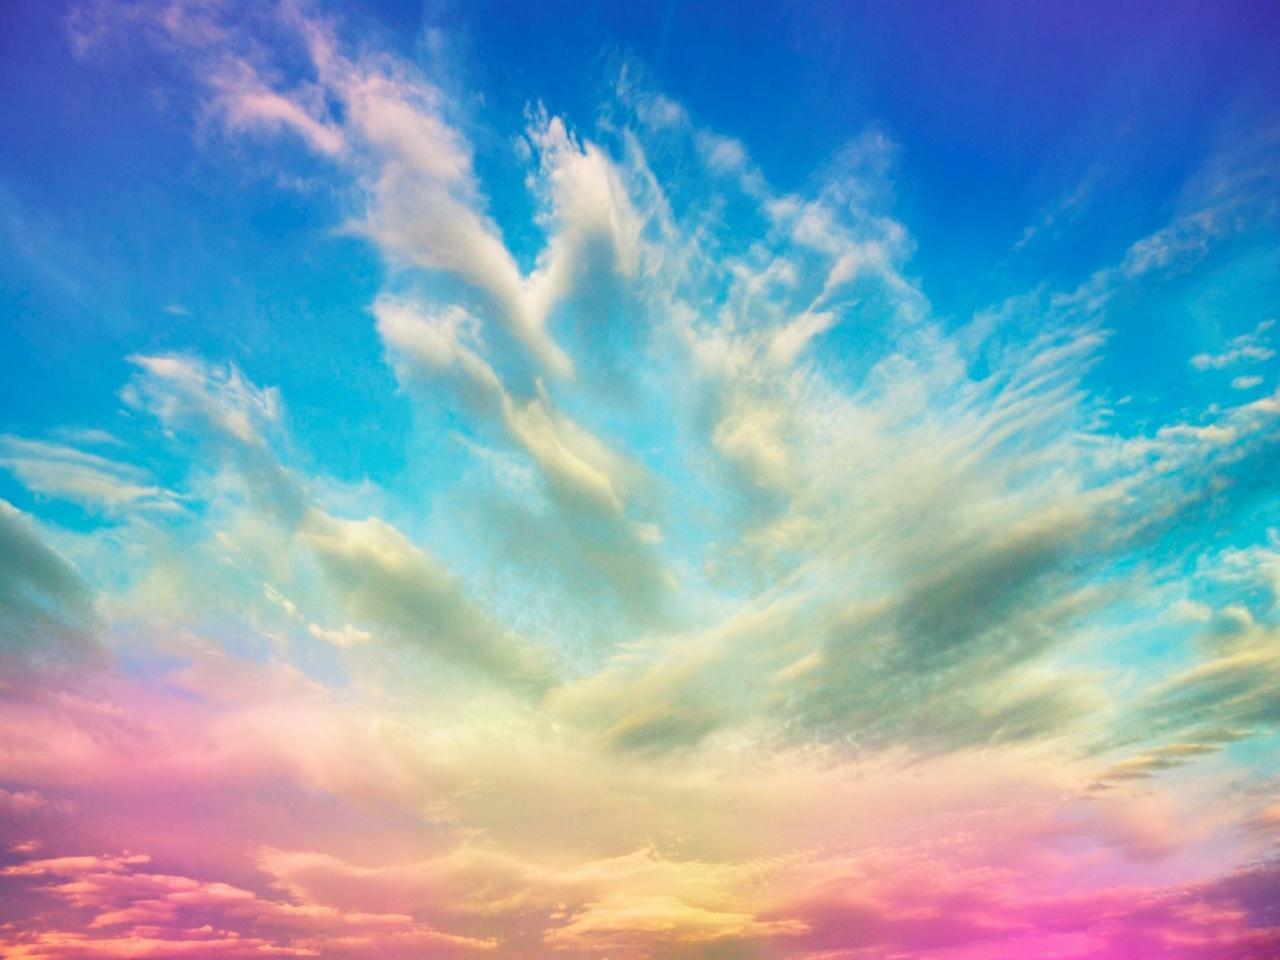 Spettacolari colori del cielo immagini e sfondi per ogni - Immagine del mouse a colori ...